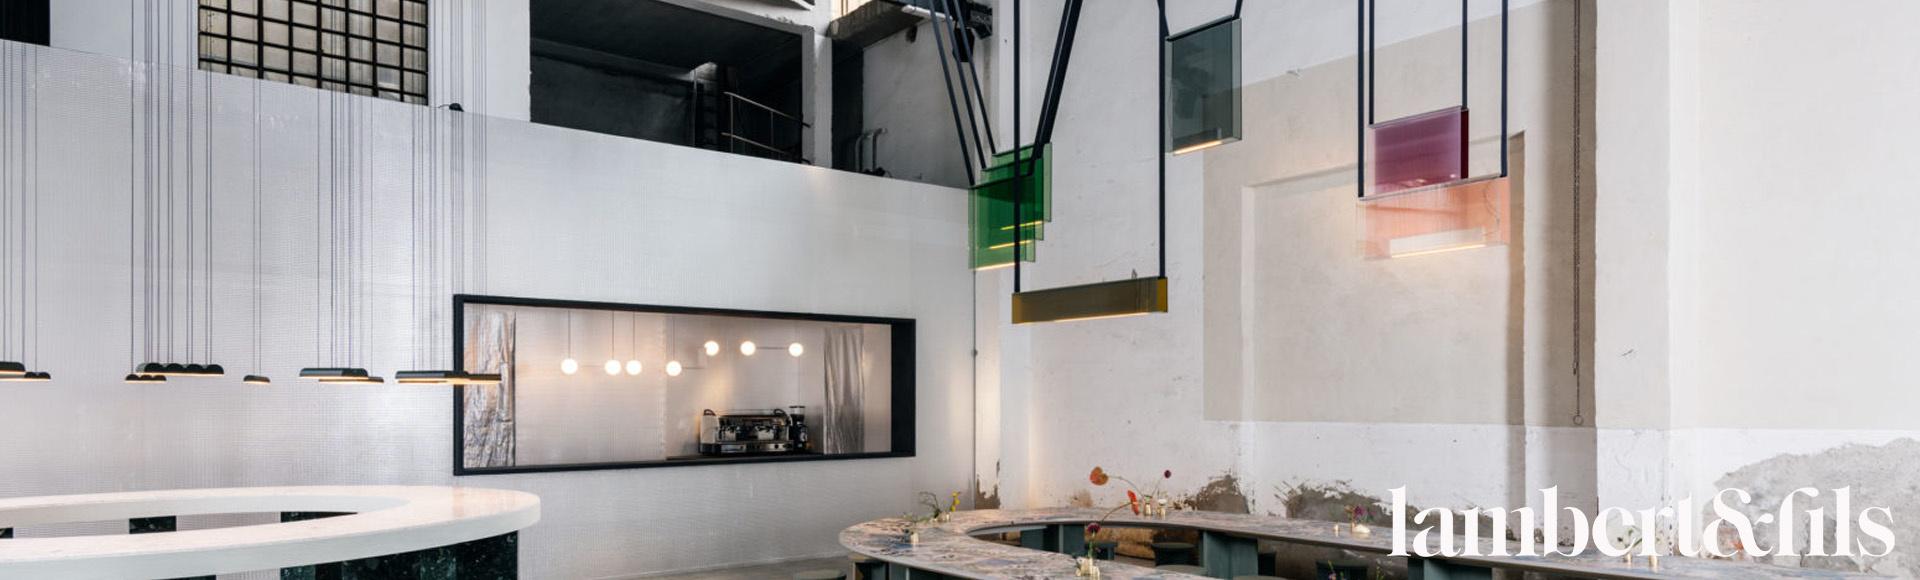 Décoration Murale Bureau Entreprise meubles, luminaires et déco prestige | design | montréal